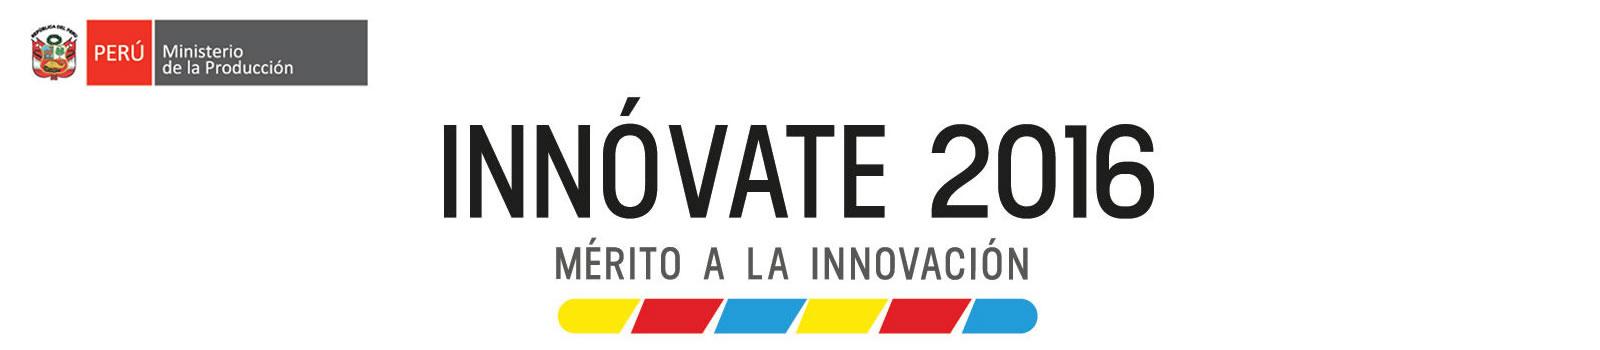 innovate 2016